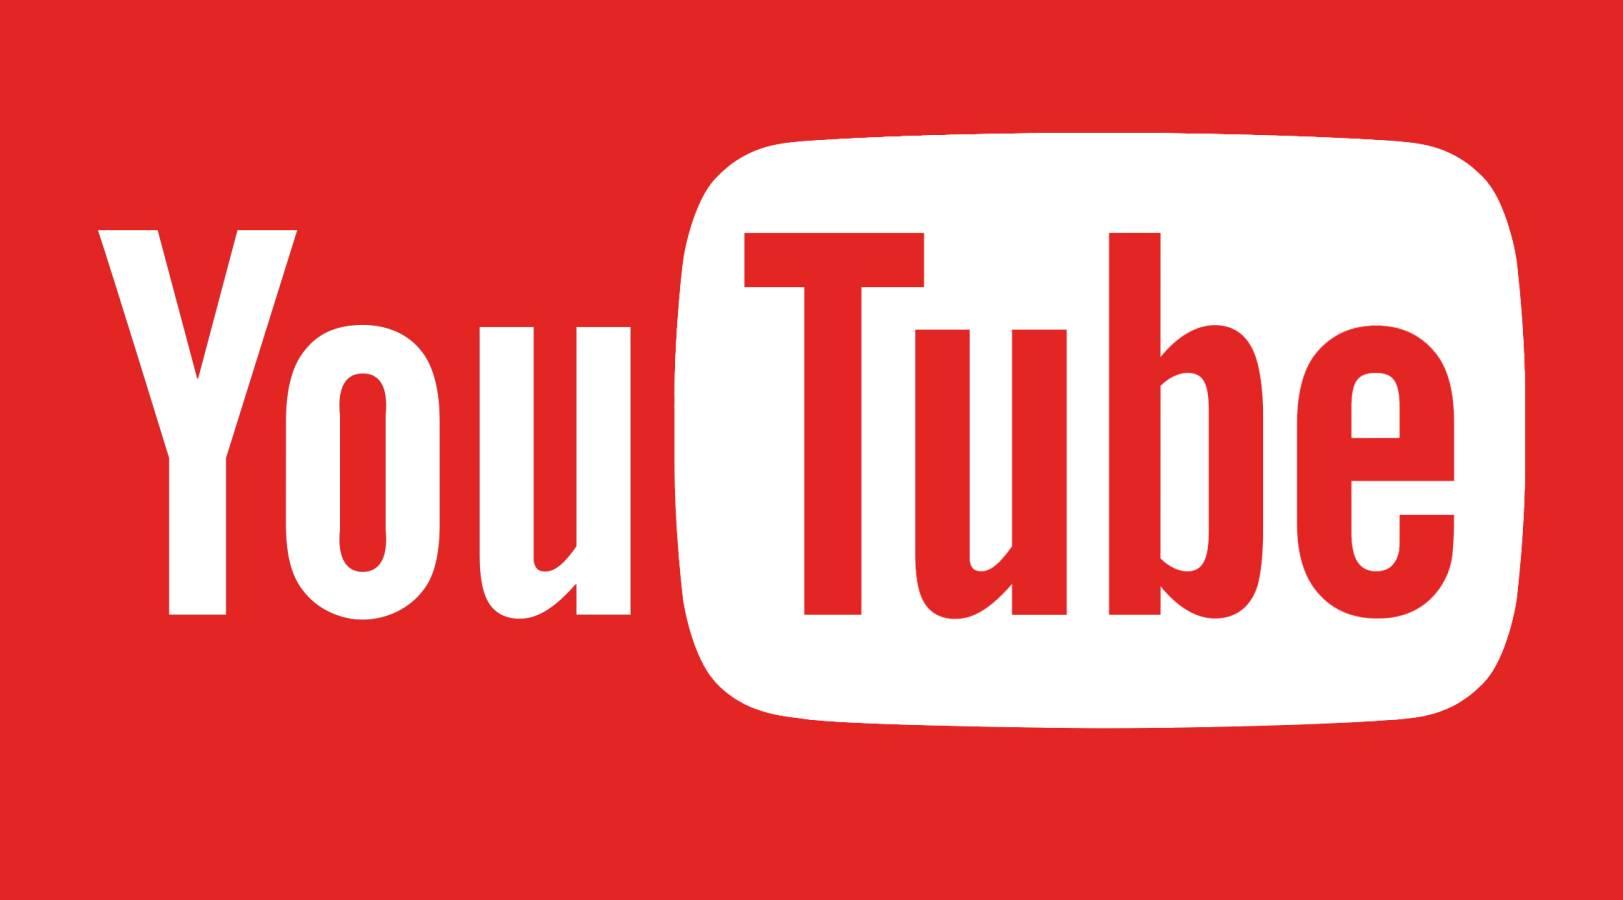 YouTube Update Nou Lansat pentru Utilizatorii din Toata Lumea